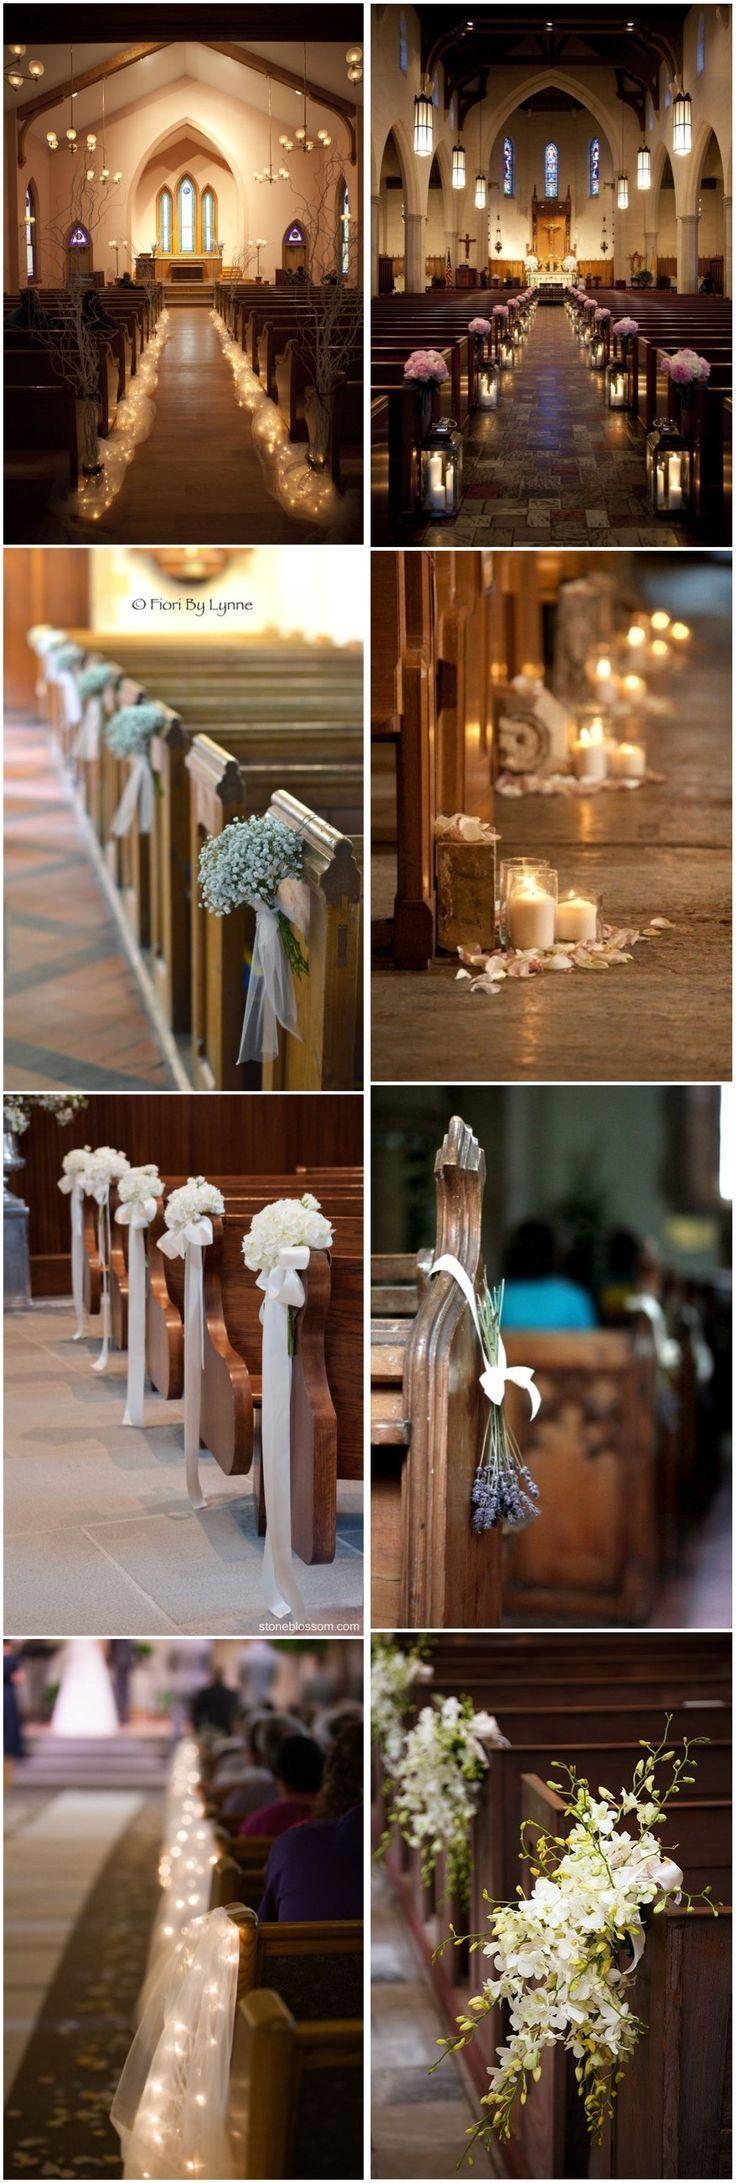 Hochzeitsdekoration »21 atemberaubende Kirchenhochzeitsgangdekoration Ideen zu